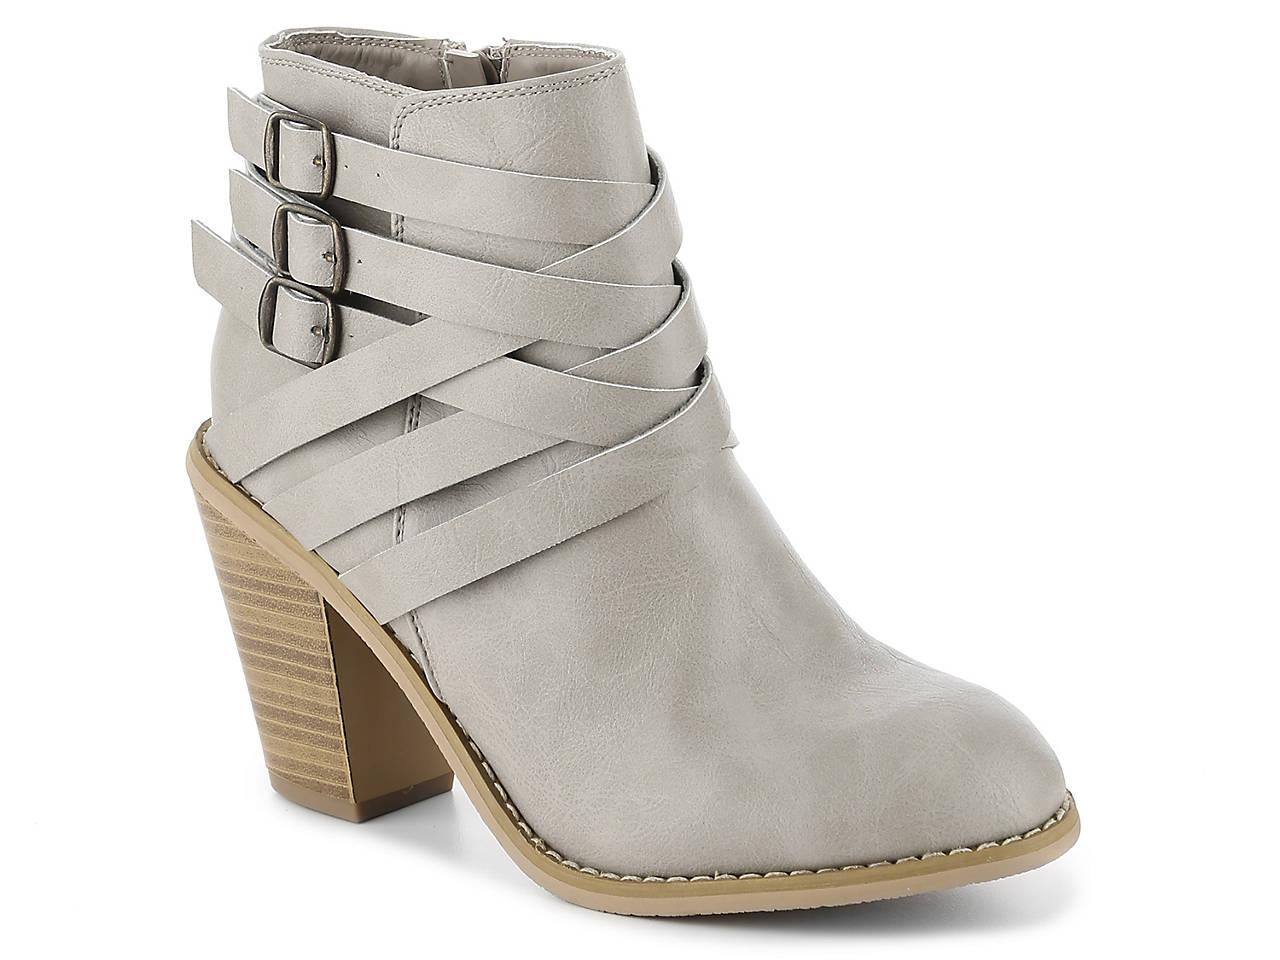 Women's Cowboy & Western Boots   DSW